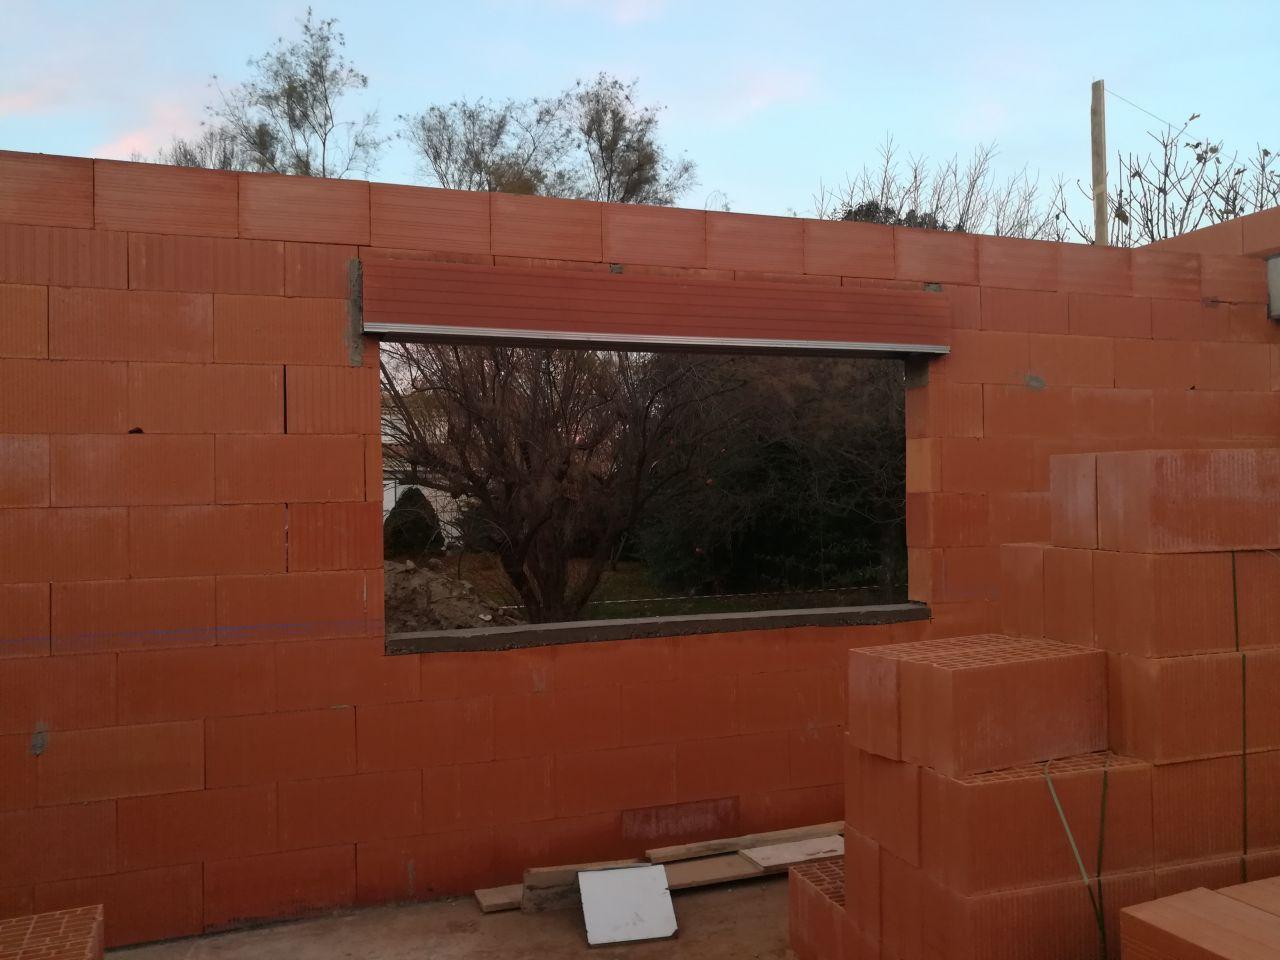 Fin des murs - fenêtre panoramique salon